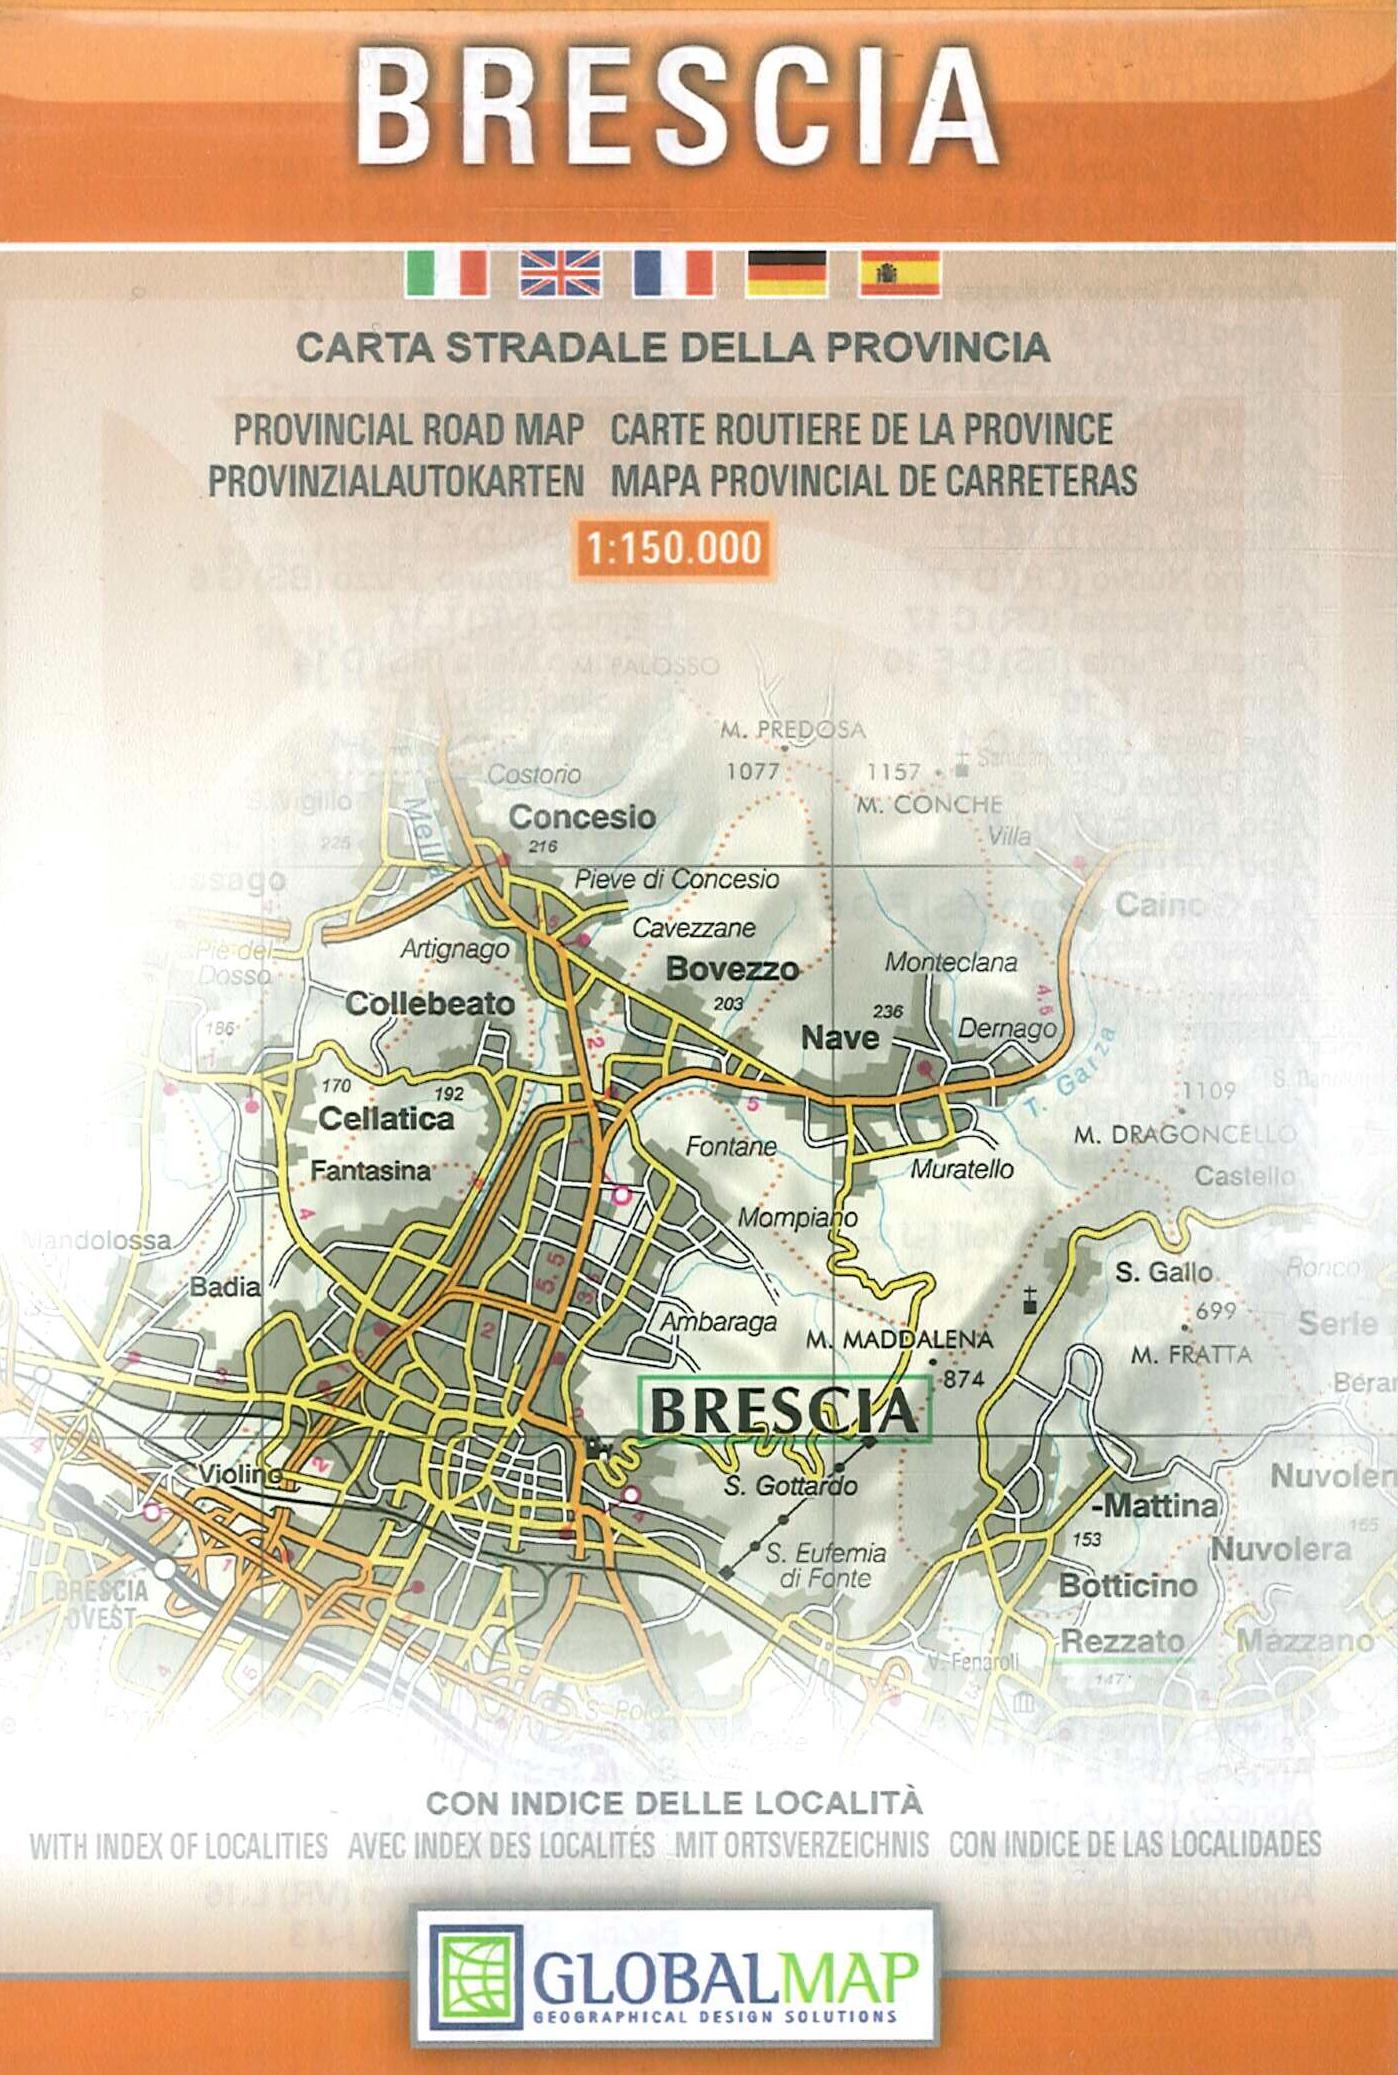 Brescia 1:150.000. Carta Stradale della Provincia. Provincial Road Map.